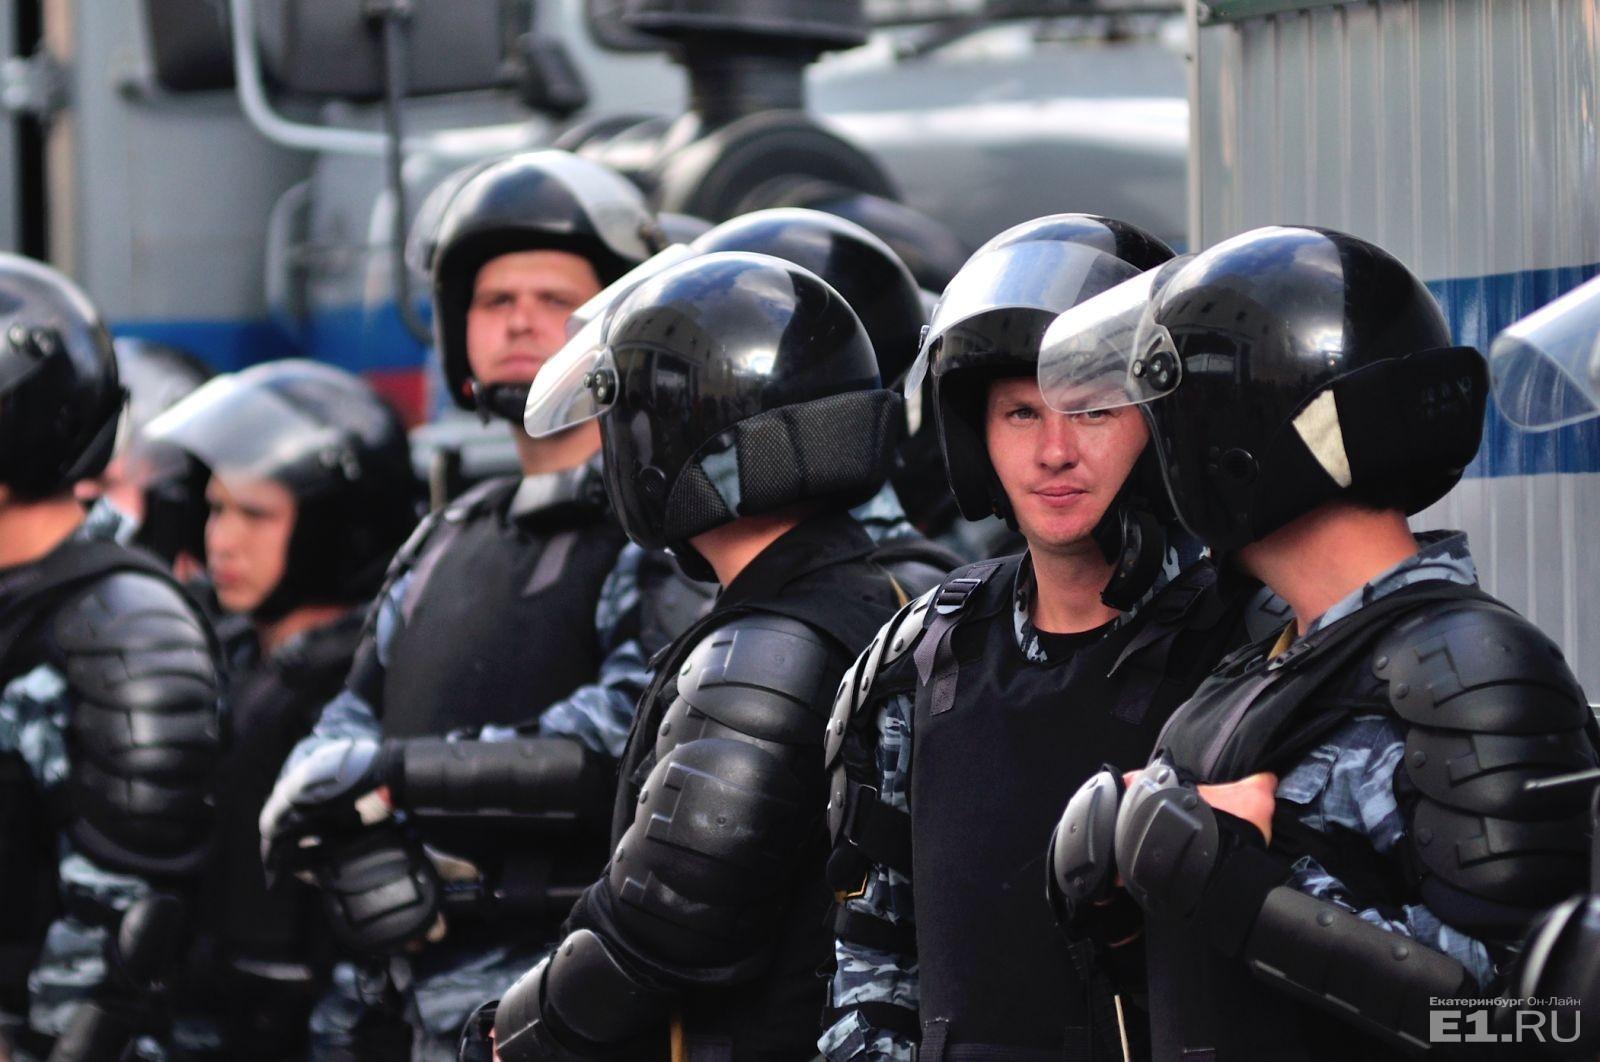 Схвачен шофёр, пытавшийся сбить солдата Росгвардии вПодмосковье